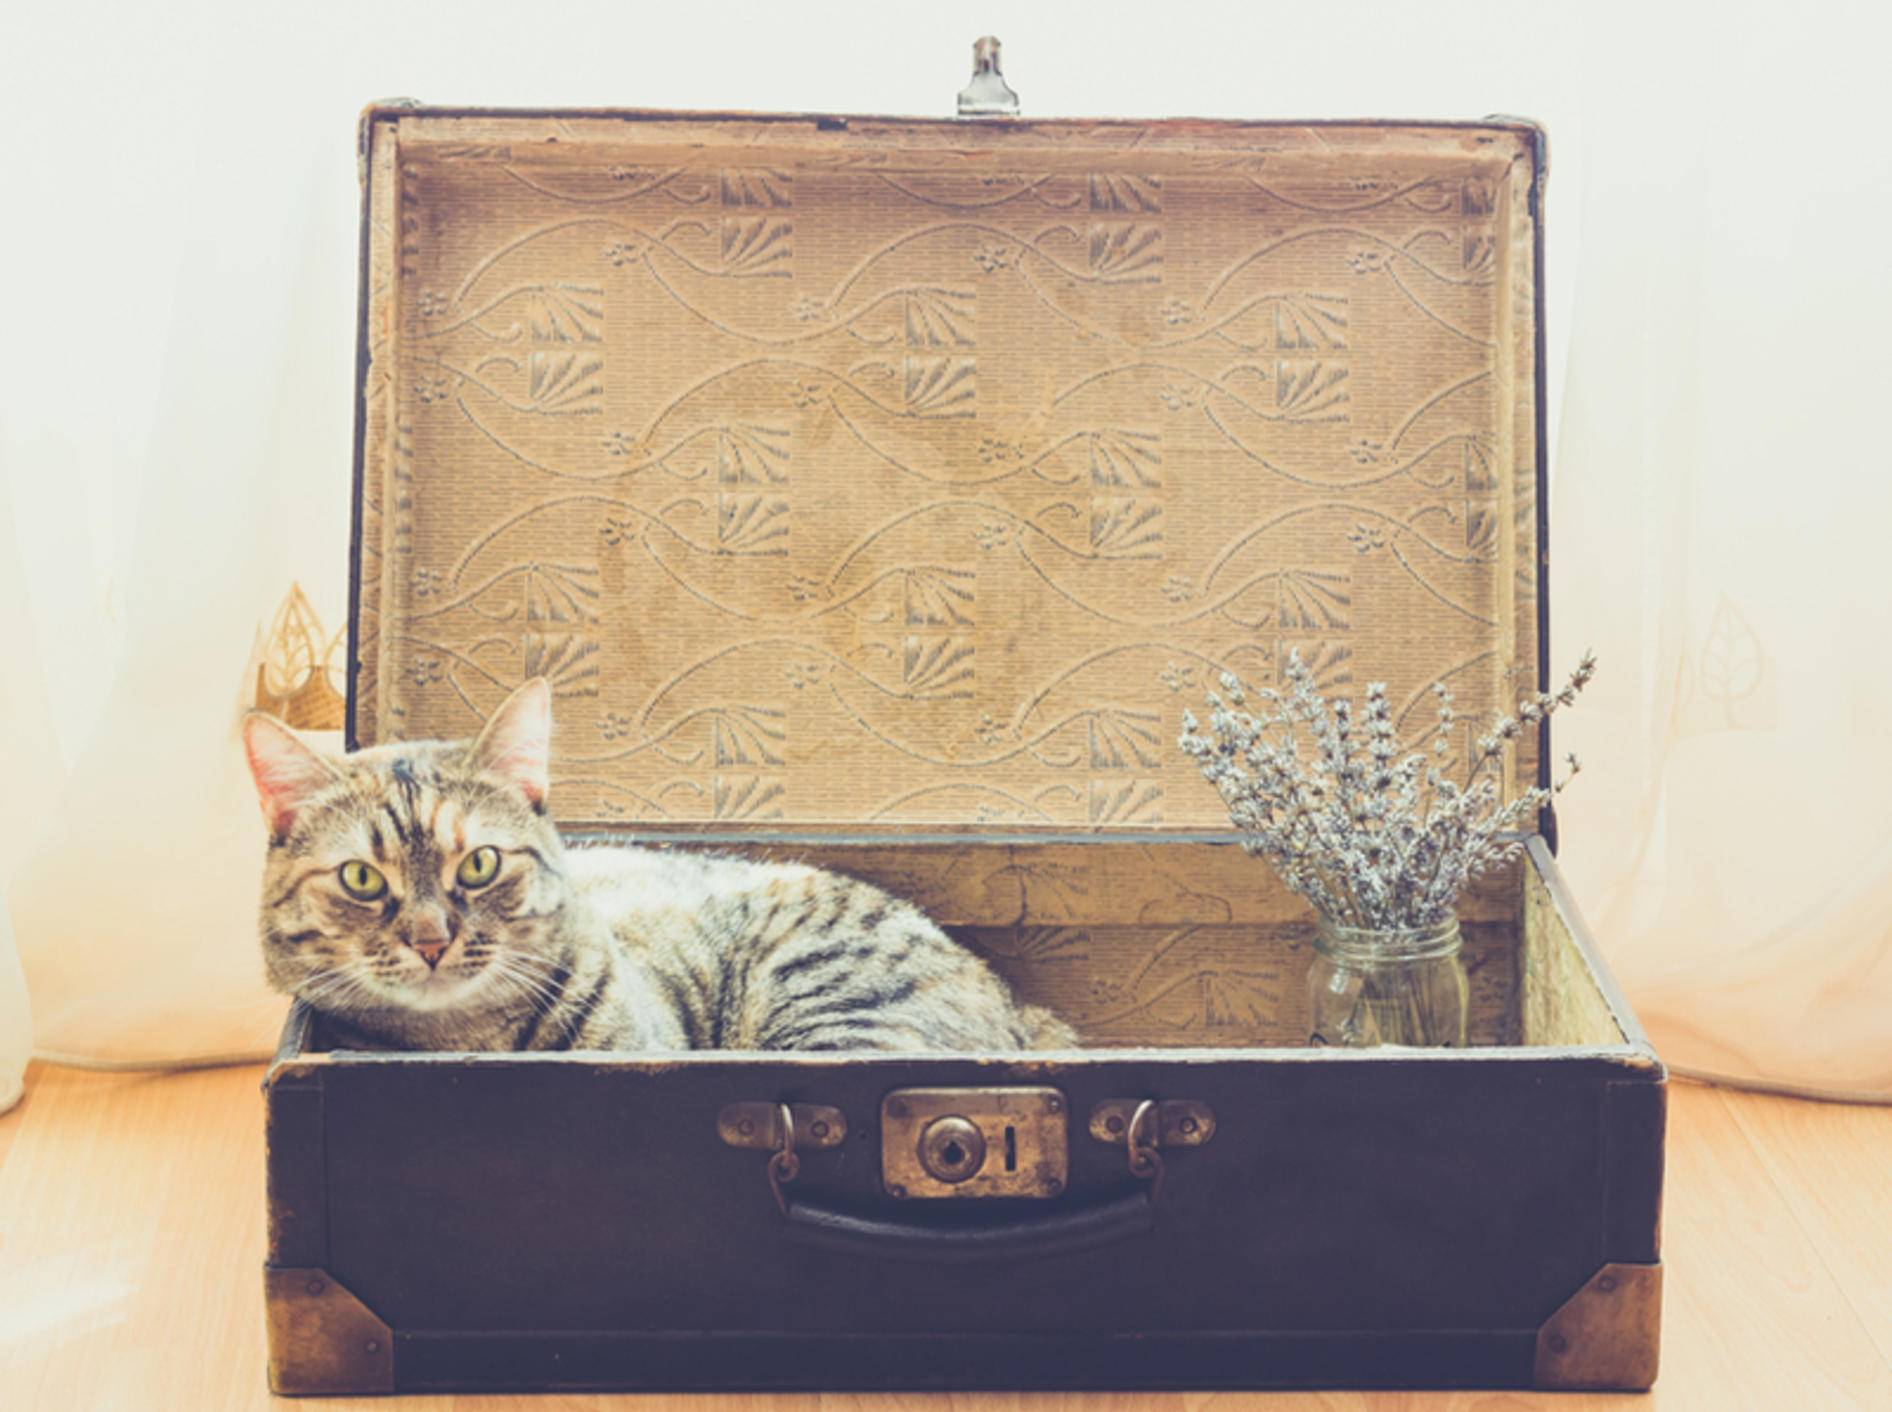 Mit den richtigen Tipps kann der Umzug auch für Ihre Katze stressfrei verlaufen – Shutterstock / Mi Ha